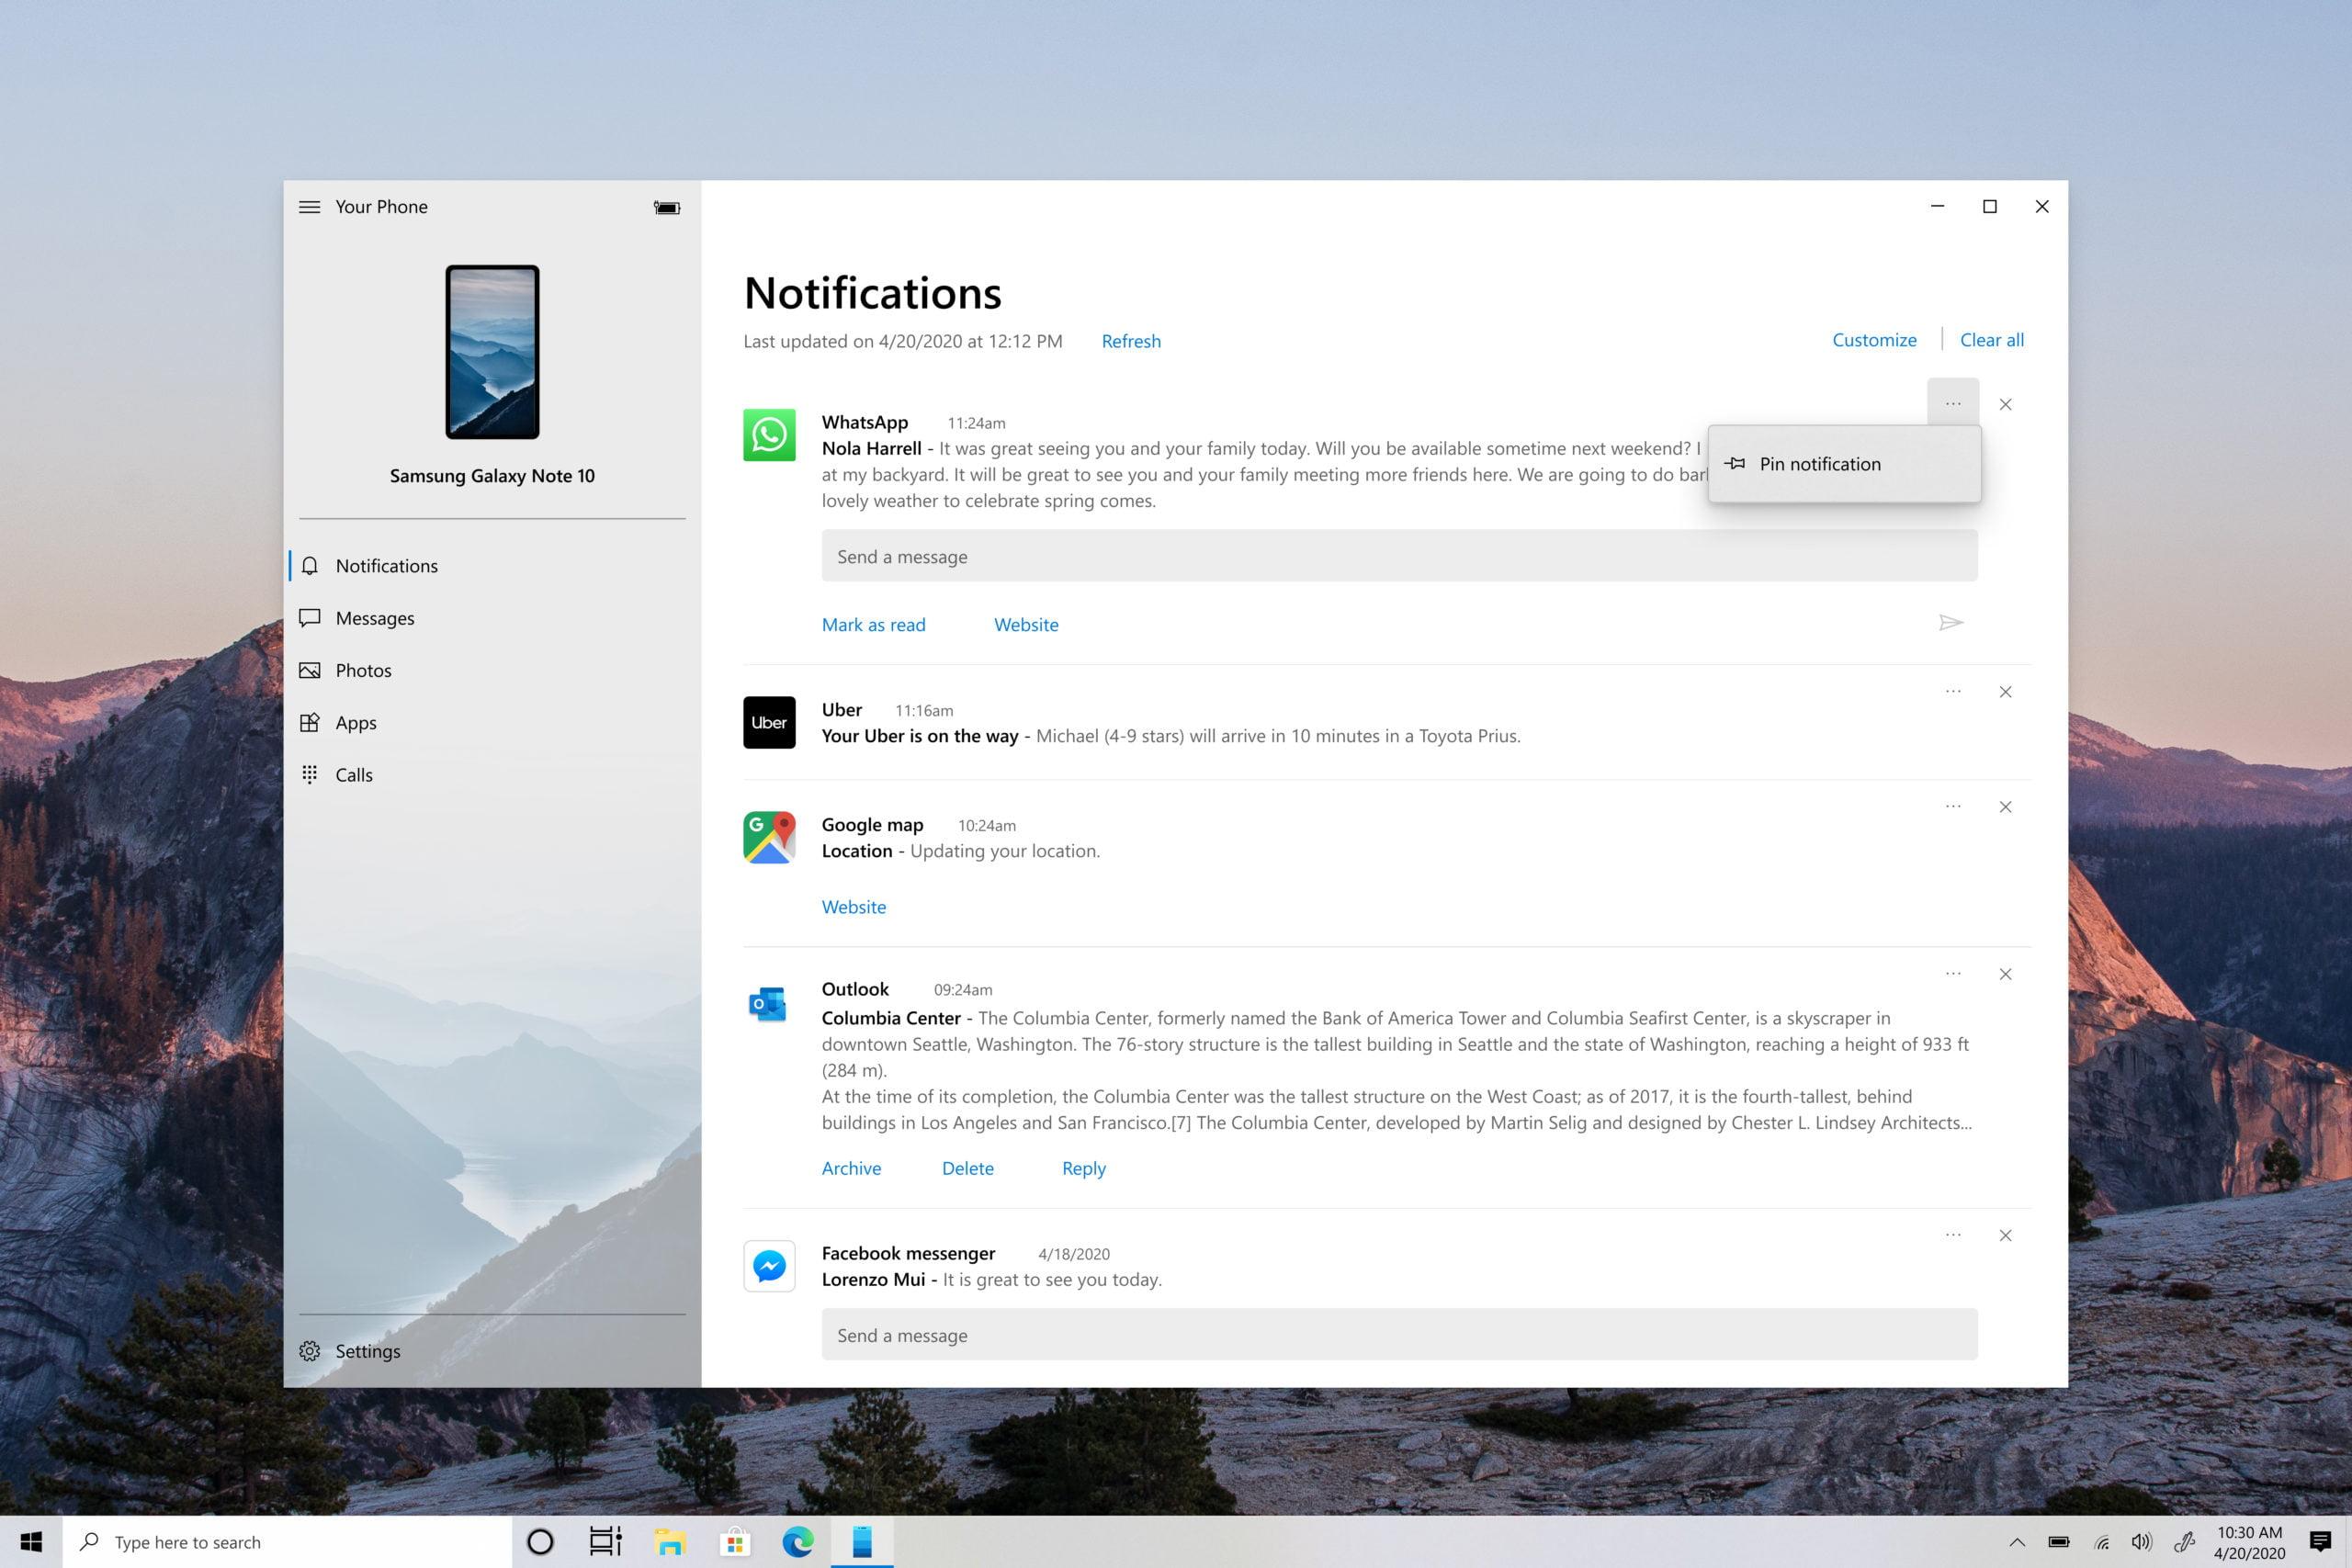 Tu teléfono de Windows 10 con la opción de anclar notificaciones